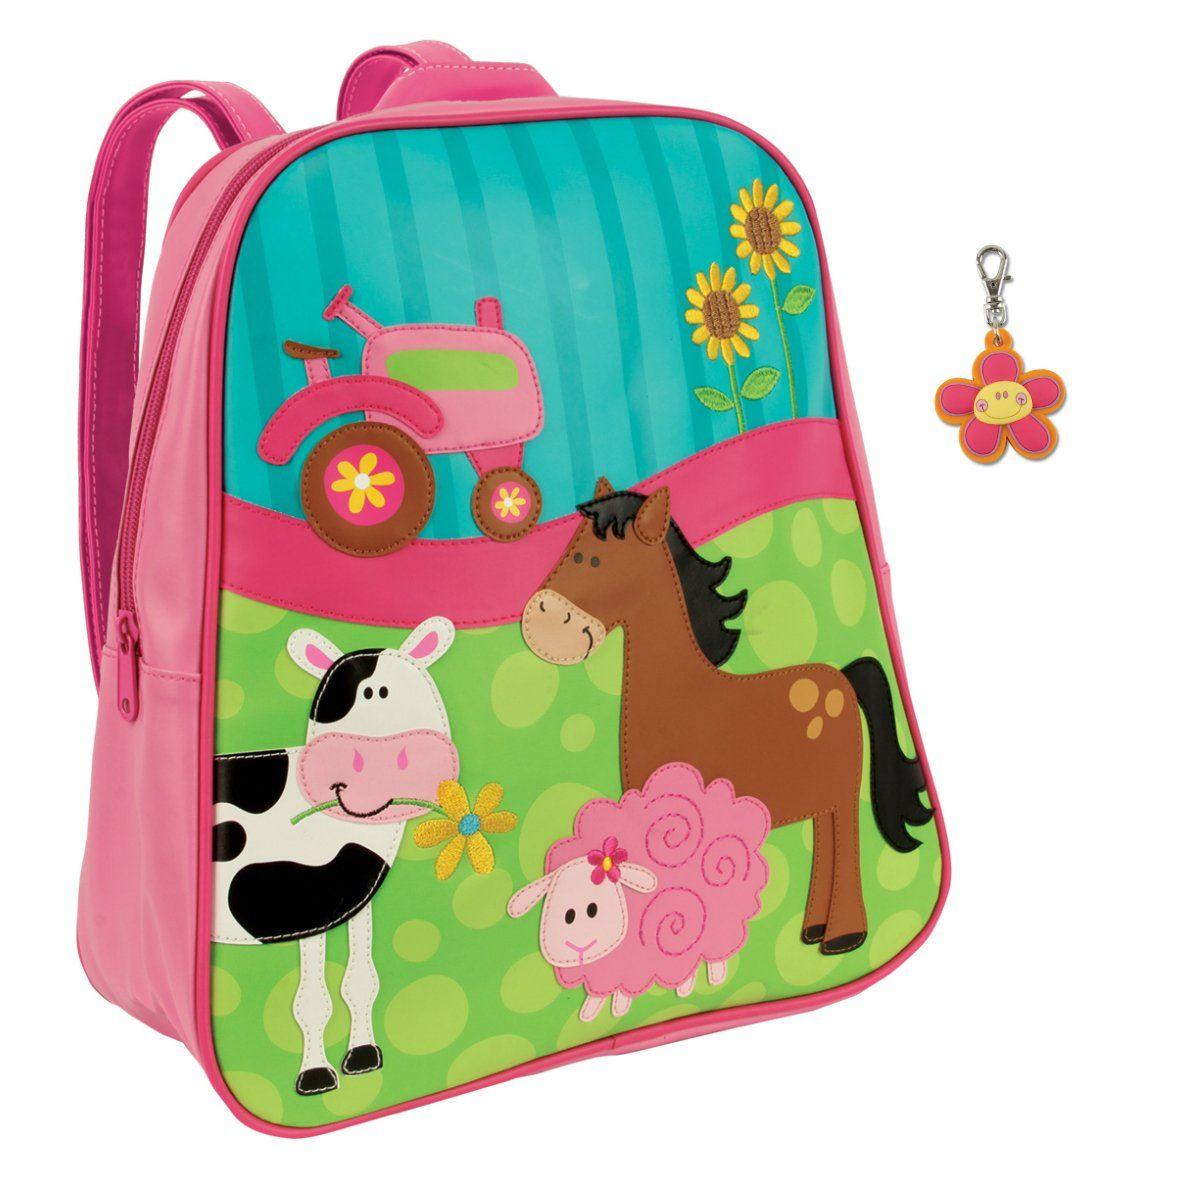 Stephen Joseph Girl Farm Backpack with Flower